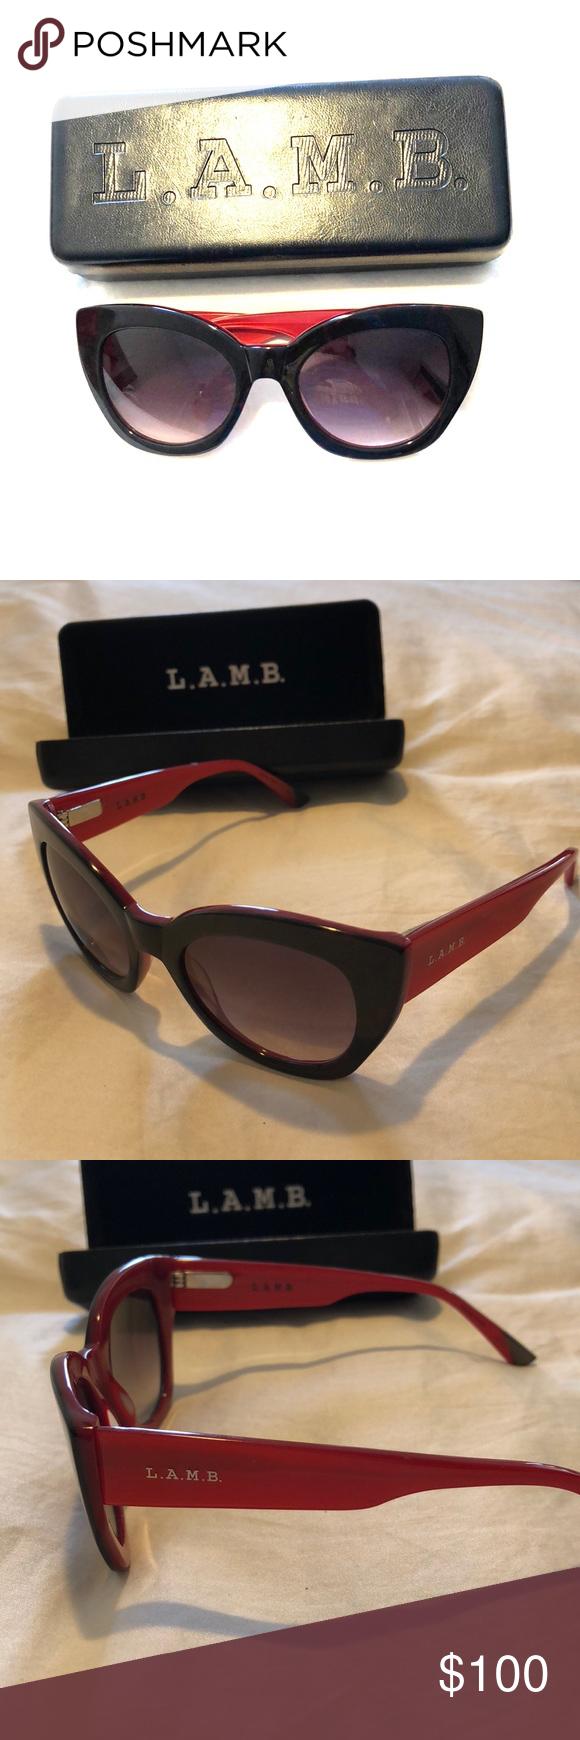 d1824094fd5 L.A.M.B. Sunglasses Style  LA503 These frames are retro